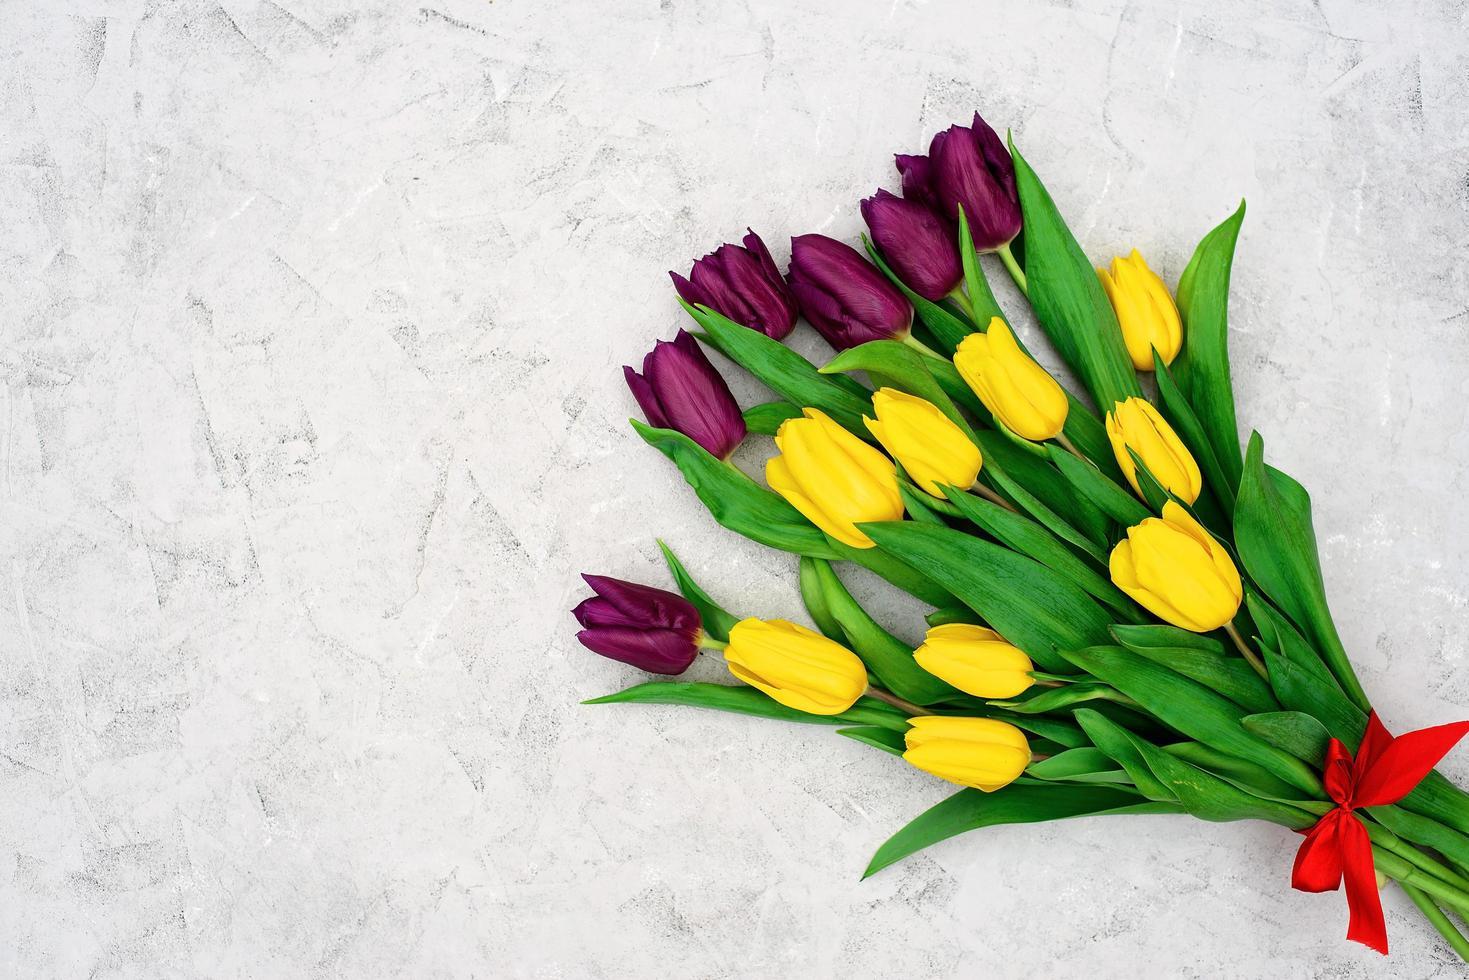 bukett med gula och lila vårtulpanblommor på en ljus stenbakgrund. platt låg. kopiera utrymme. mors dag. internationella kvinnodagen. foto